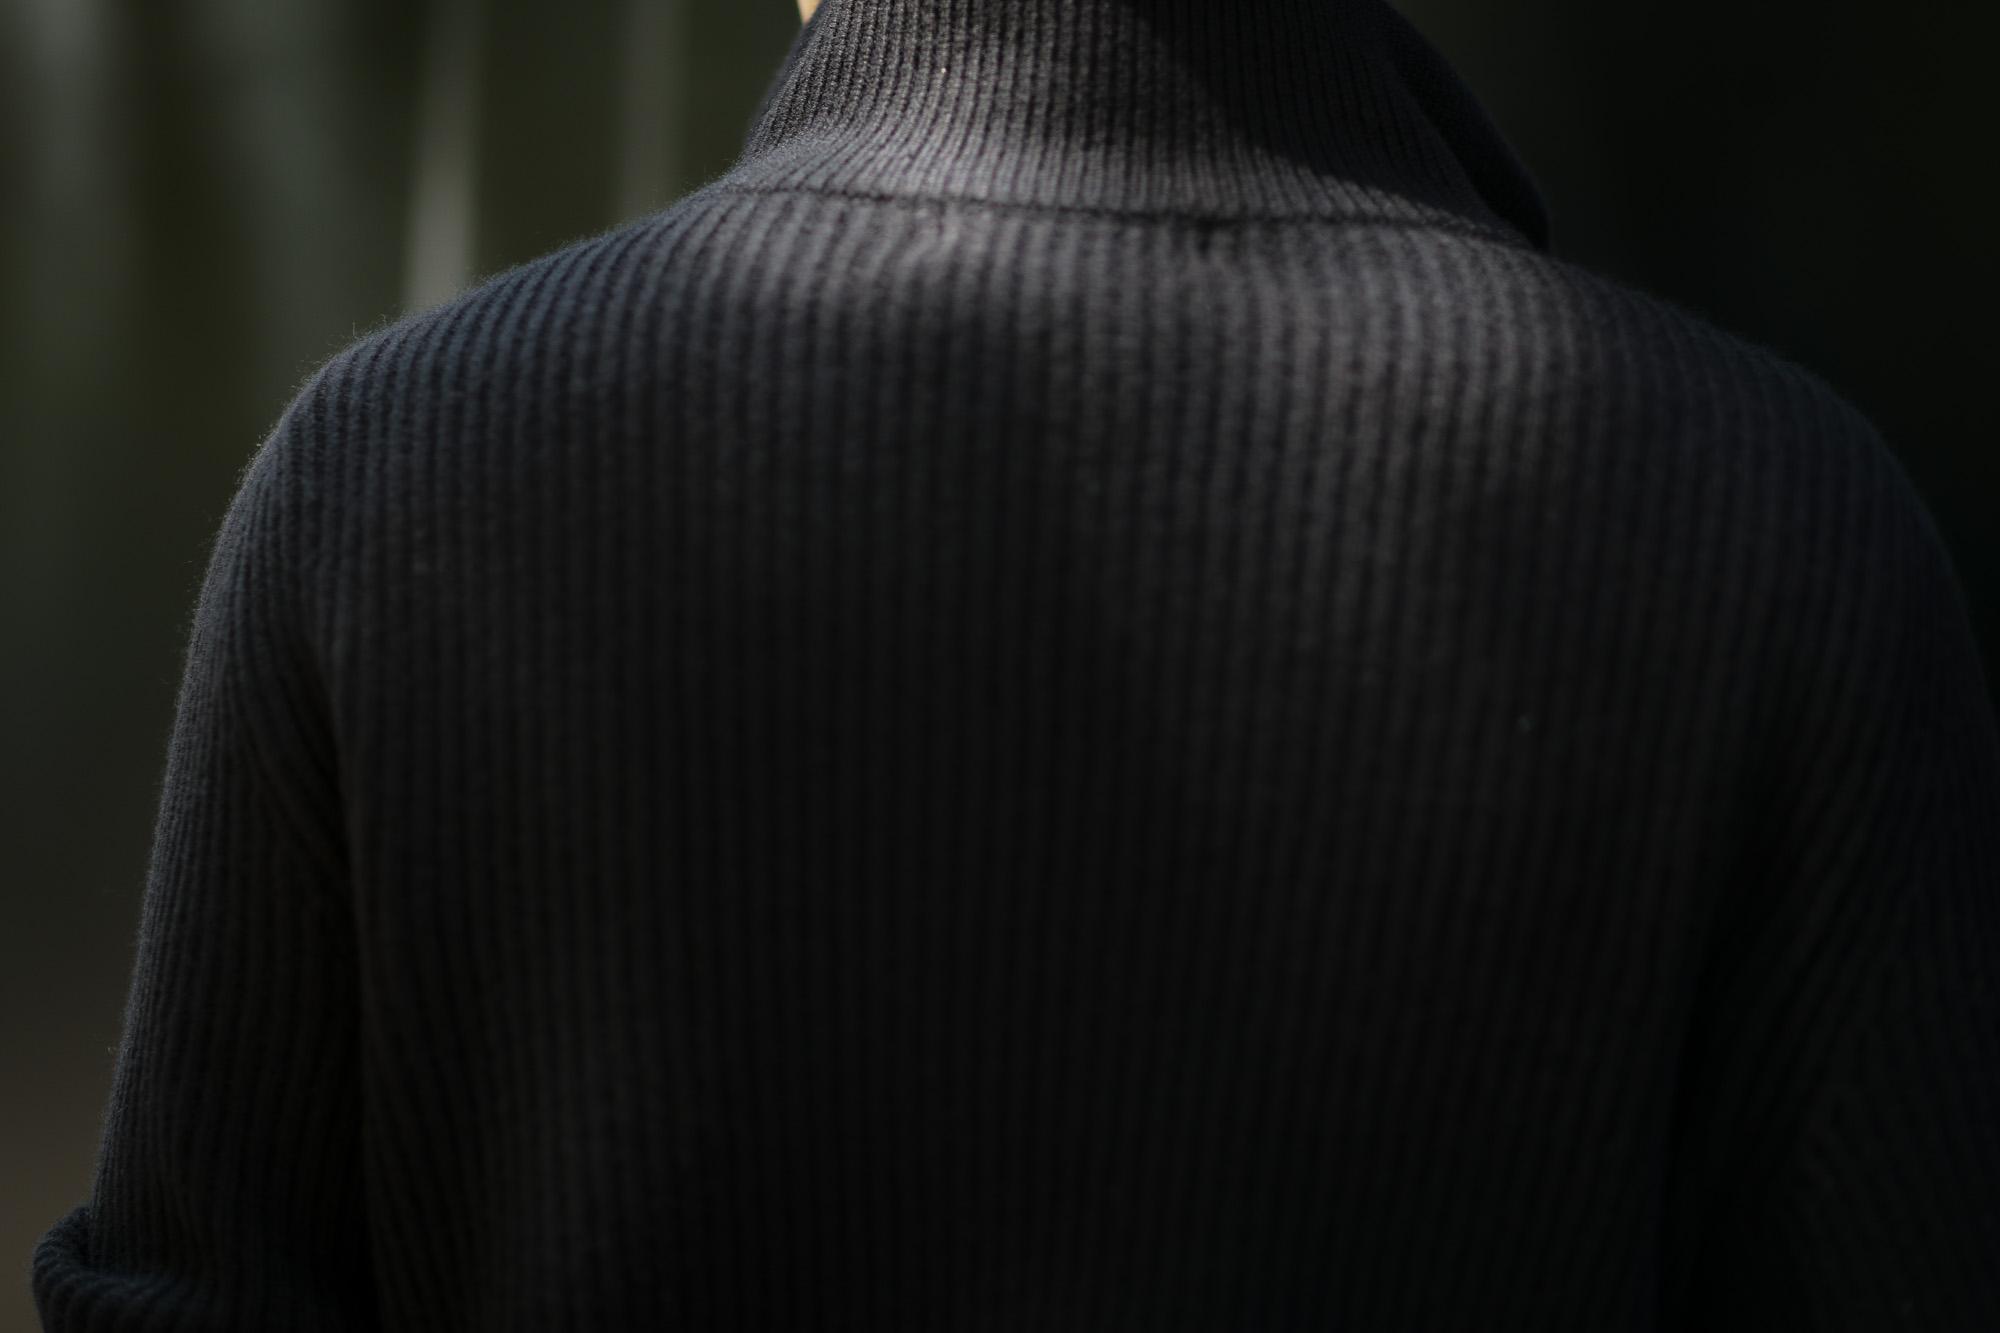 LAMBERTO LOSANI (ランベルト ロザーニ) Cashmere Zip Up Cardigan (カシミア ジップアップ カーディガン) ローゲージ カシミアニット カーディガン BLACK (ブラック・901) made in italy (イタリア製) 2019 秋冬 lambertolosani ランベルトロザーニ 愛知 名古屋 altoediritto アルトエデリット